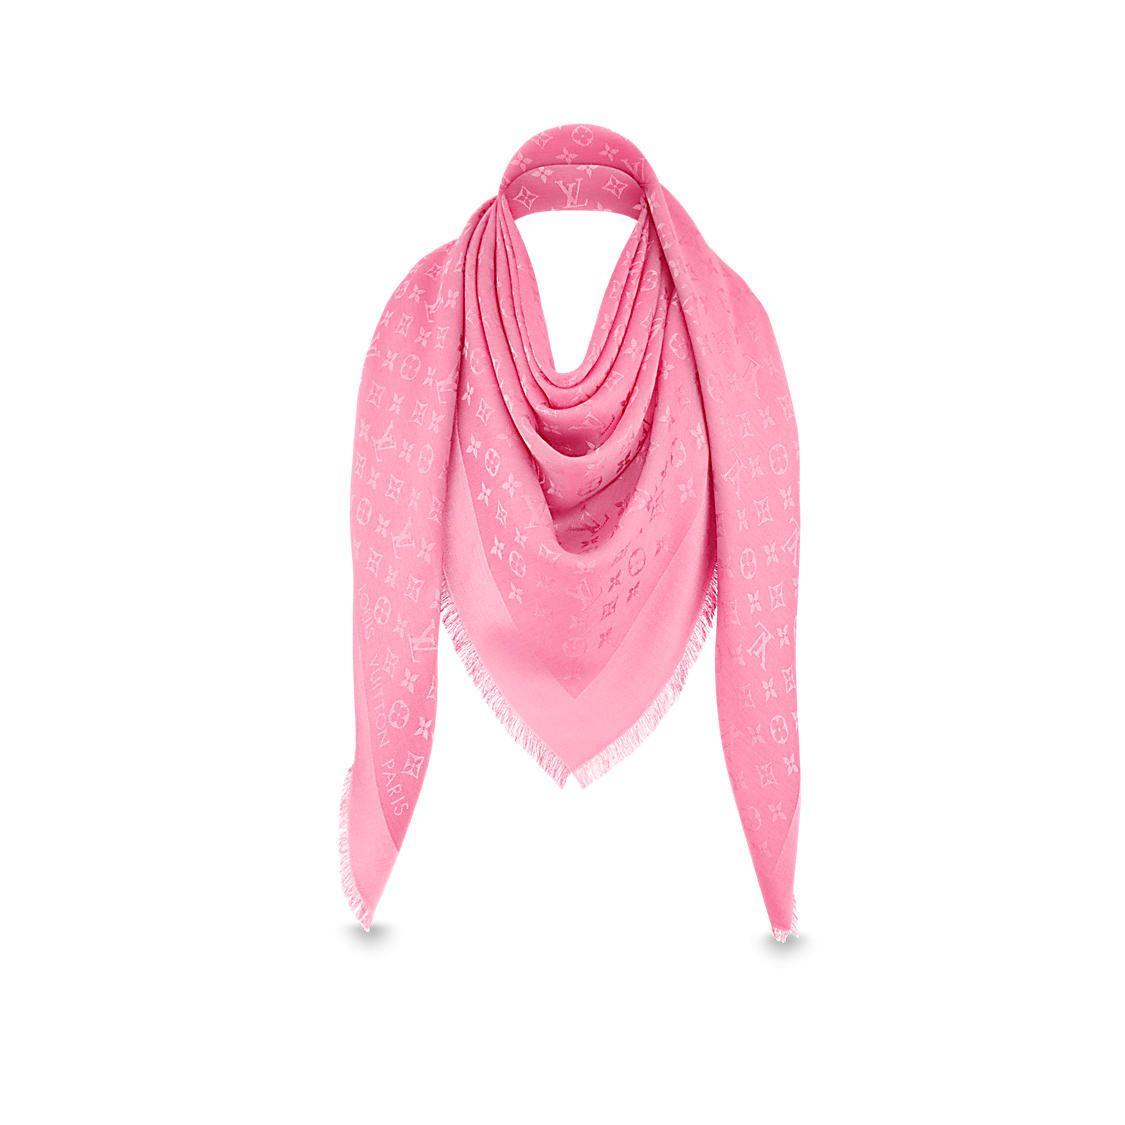 100% de qualité supérieure nombreux dans la variété acheter populaire Châle Monogram | Bags & accessories